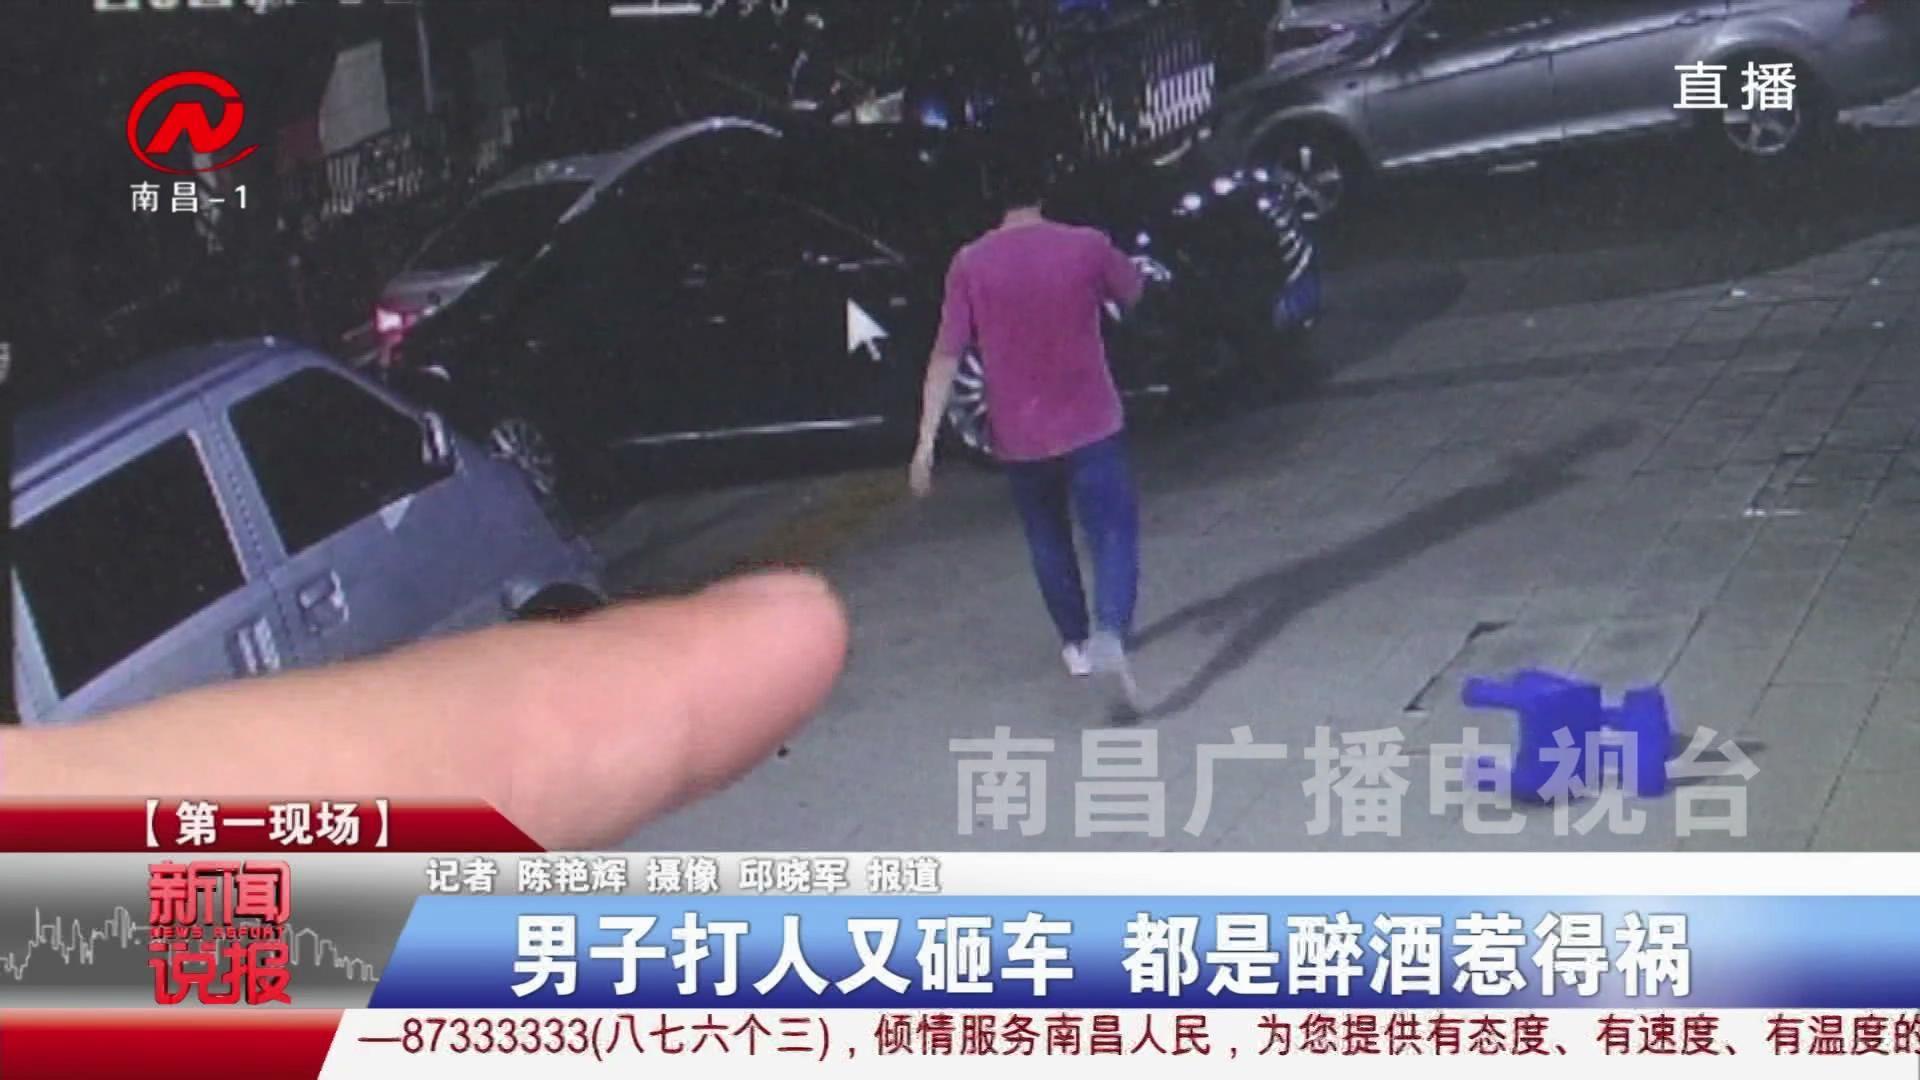 男子打人又砸车 都是醉酒惹的祸